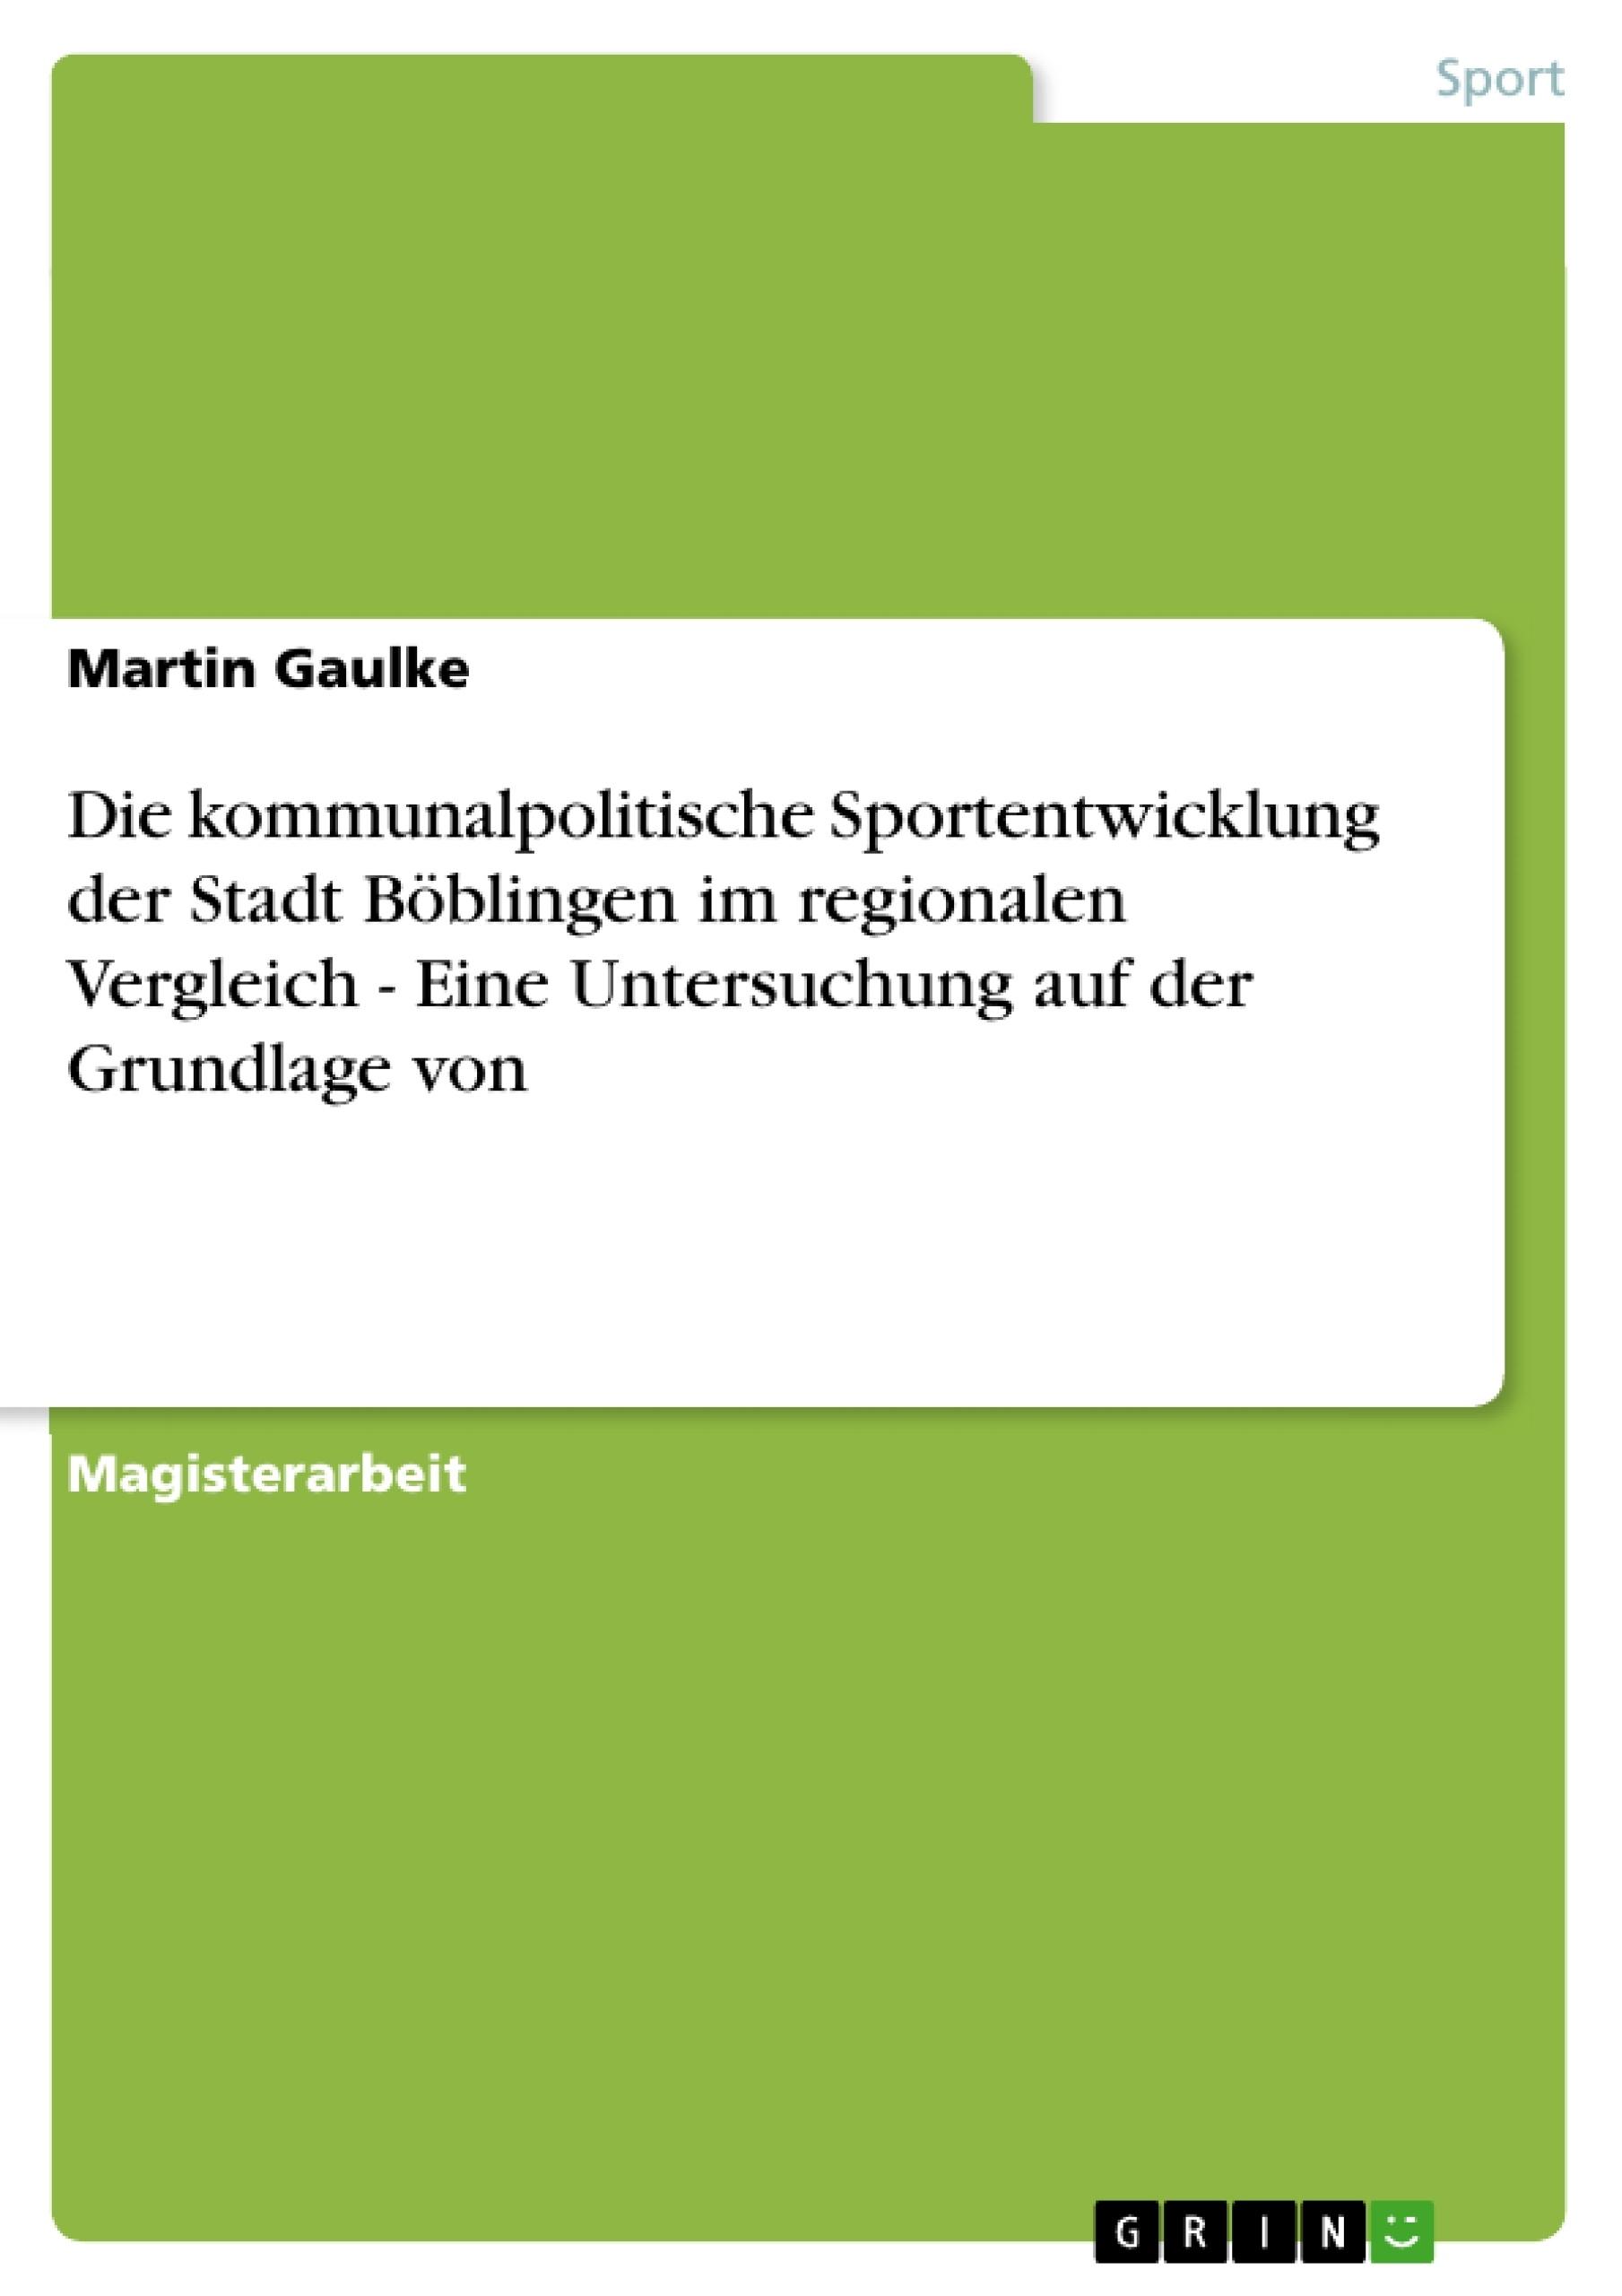 Titel: Die kommunalpolitische Sportentwicklung der Stadt Böblingen im regionalen Vergleich - Eine Untersuchung auf der Grundlage von